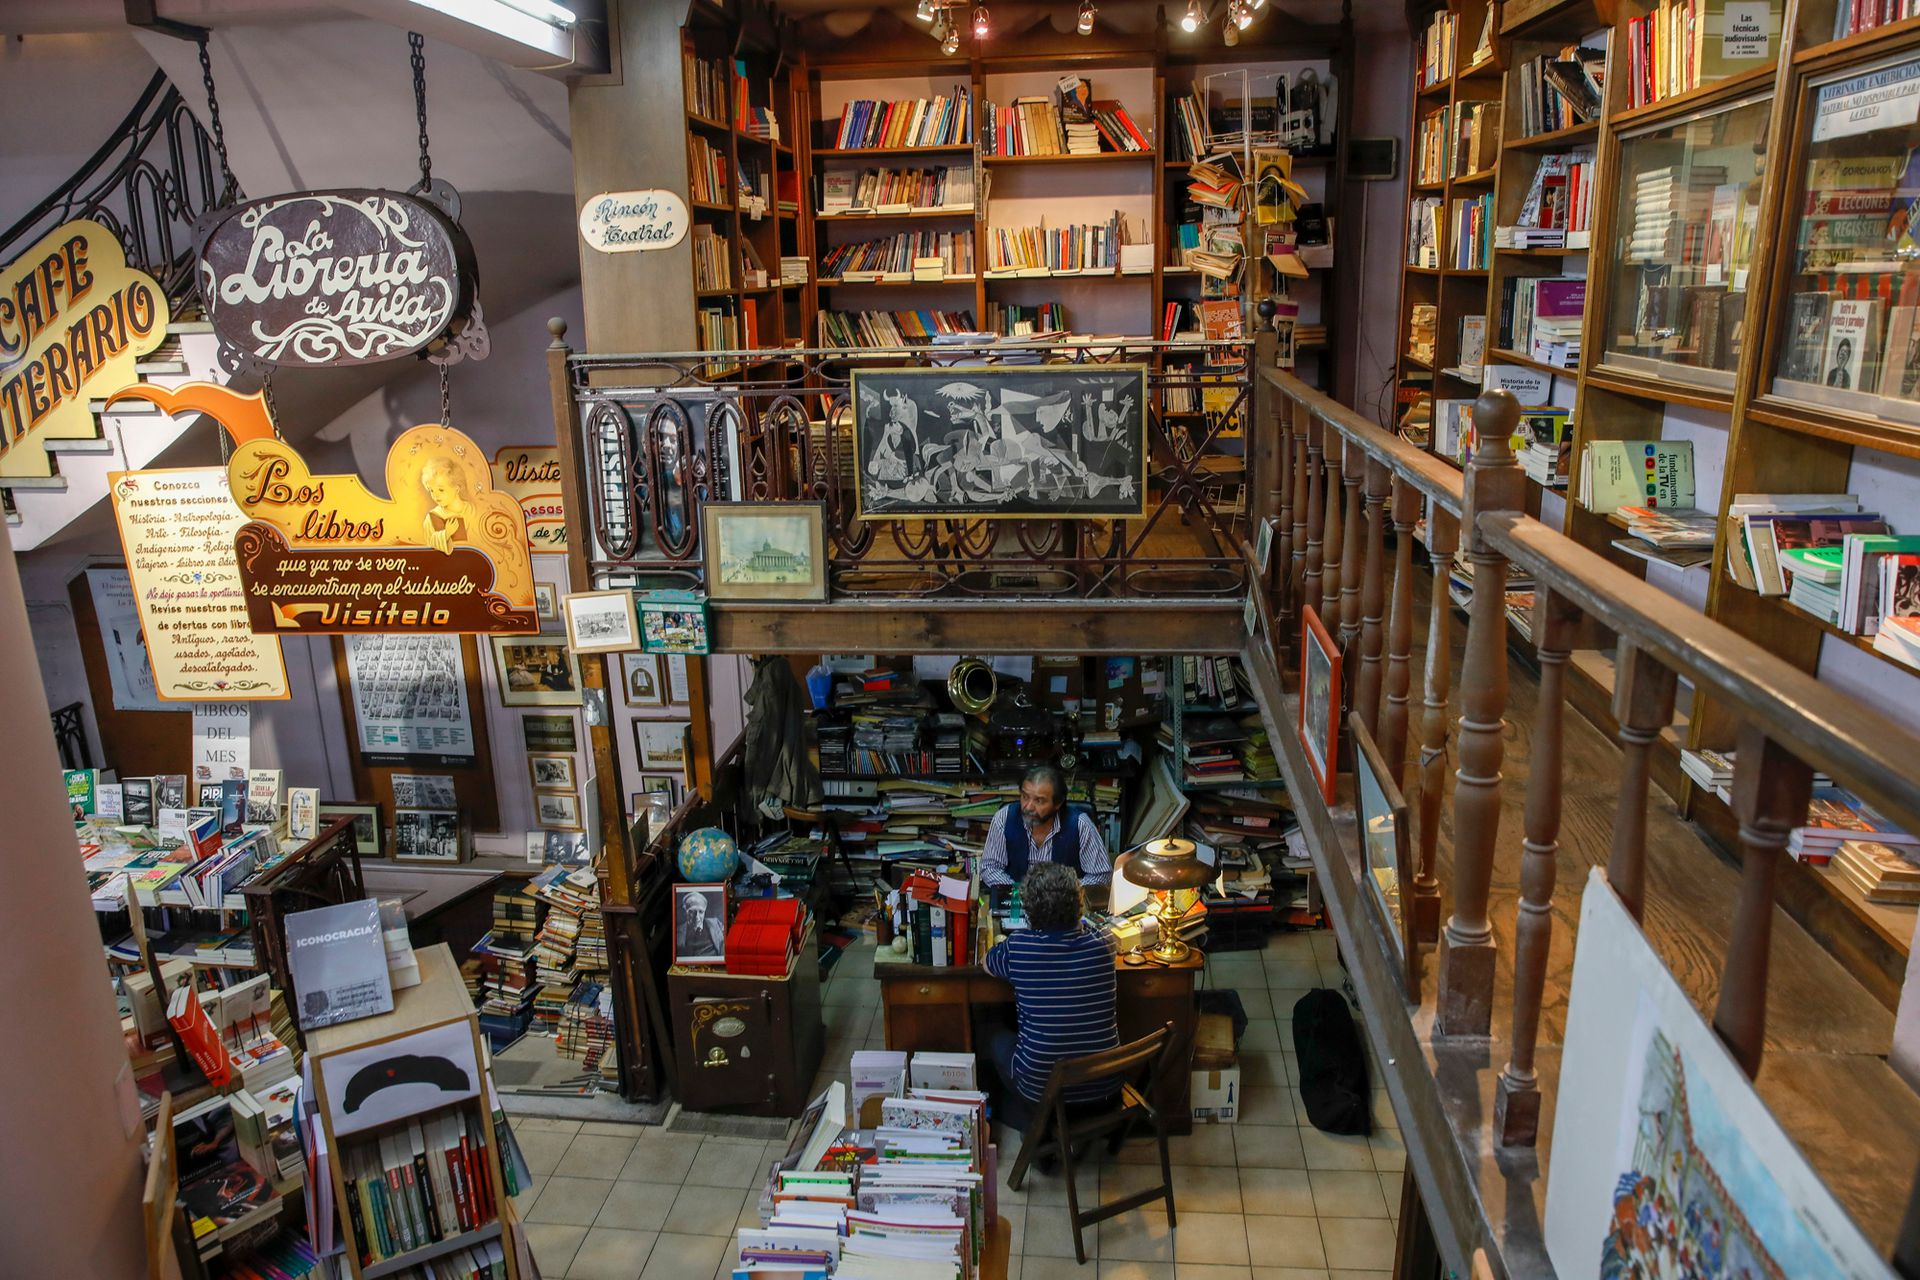 Miguel vive rodeado de libros y objetos antiguos